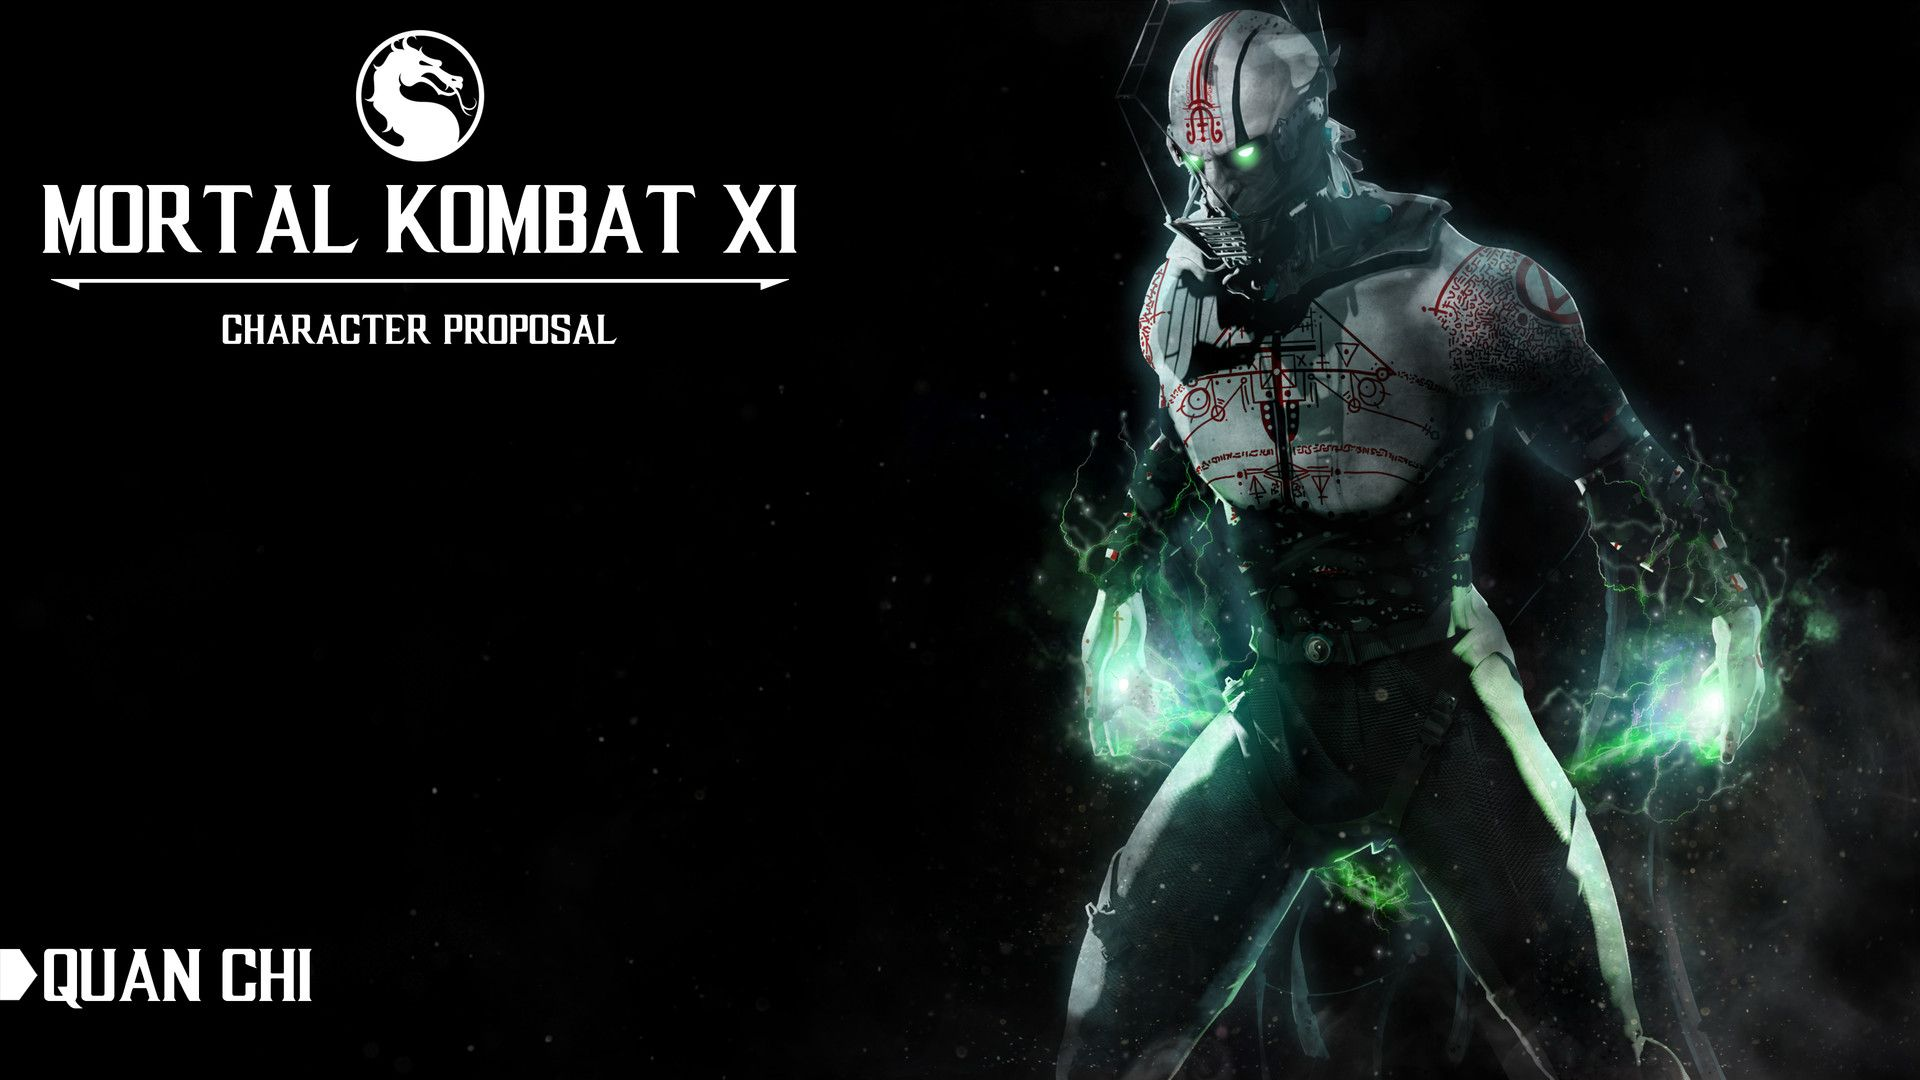 Wallpaper Of Mortal Kombat Posted By Samantha Tremblay